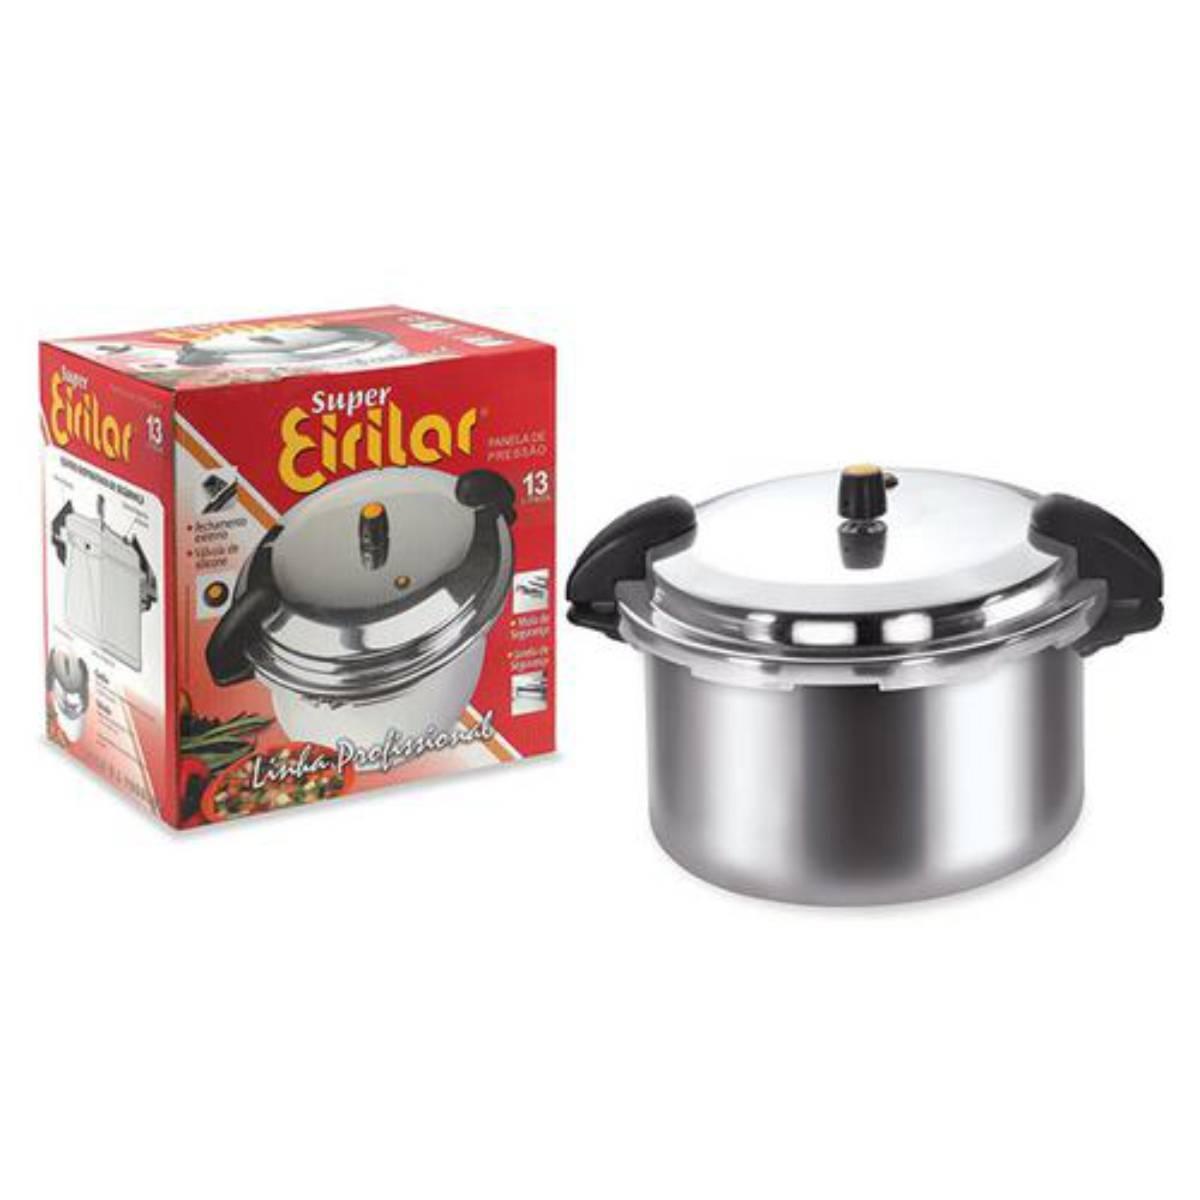 Panela de Pressão Profissional 13 litros 905 Eirilar - Magazine do Chef